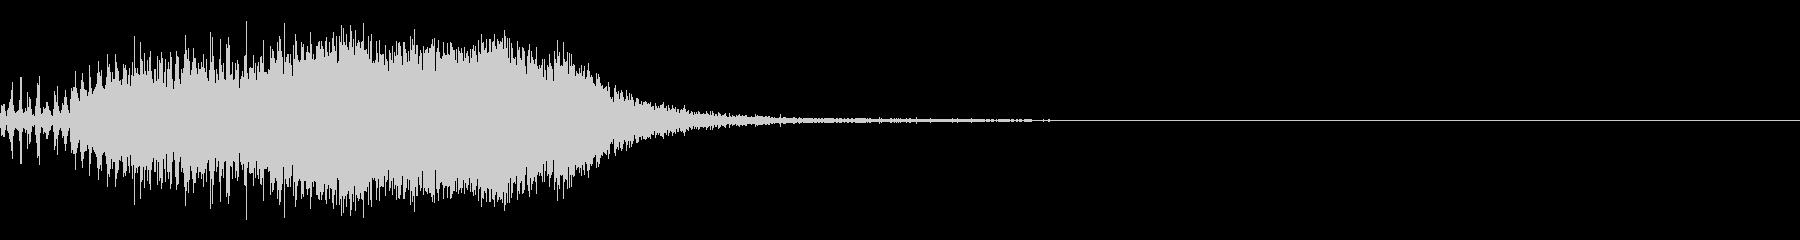 スパーク音-40の未再生の波形